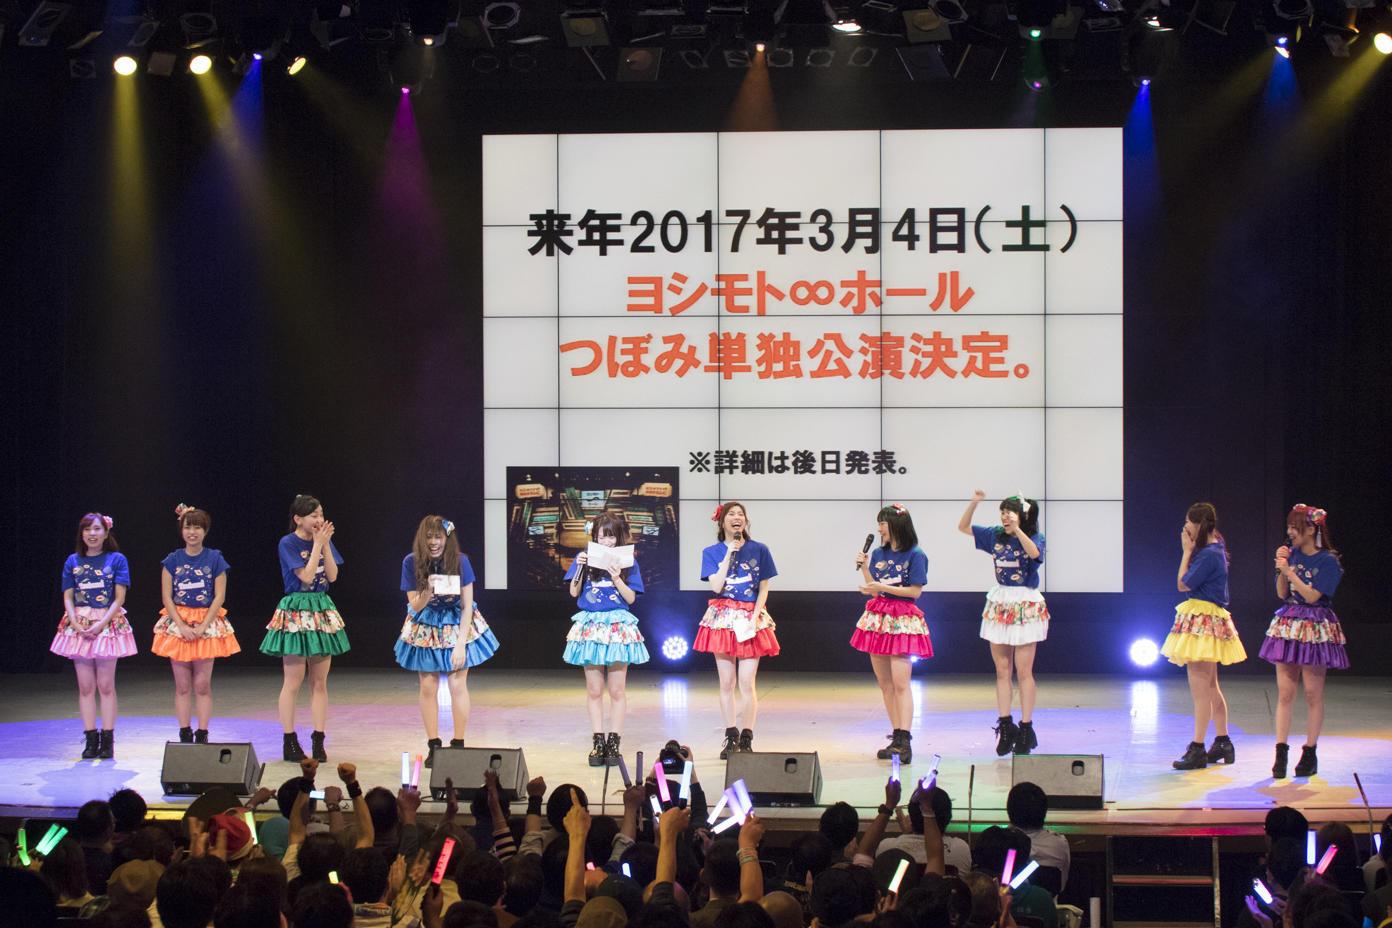 http://news.yoshimoto.co.jp/20161228160359-21bc74b4a157c881a1556cfaf9789823c3f7fdbb.jpg